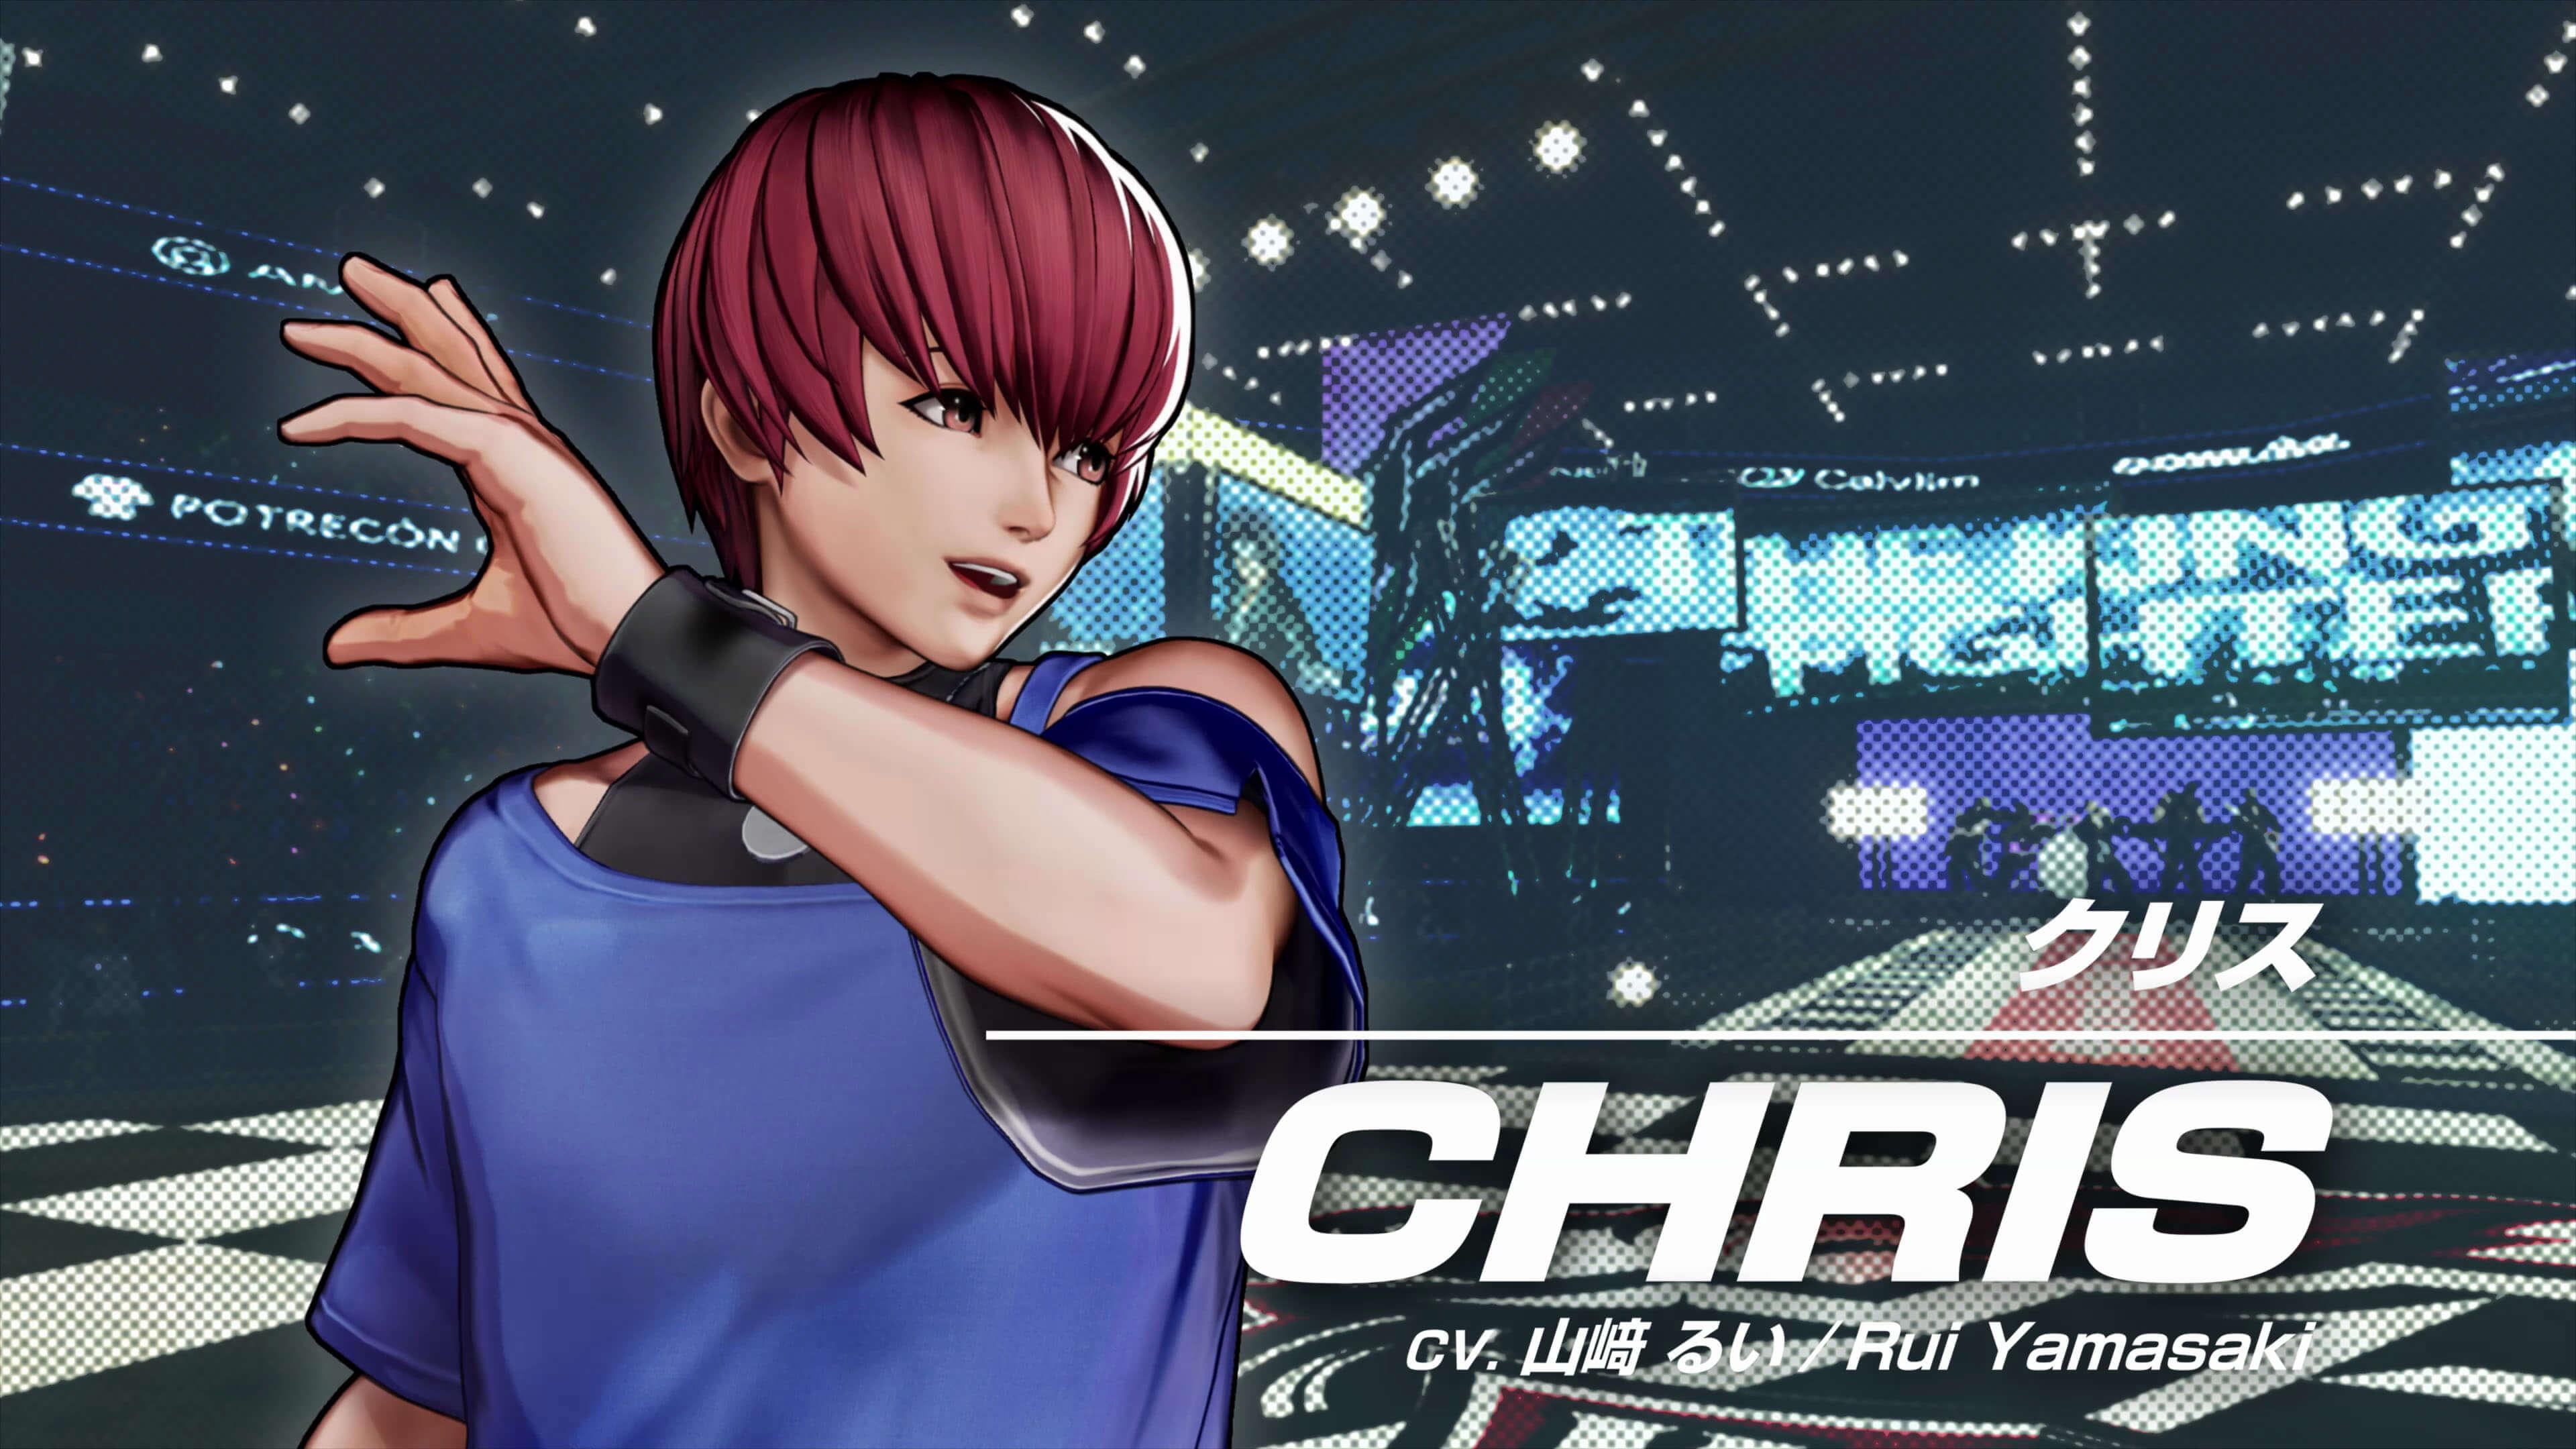 《拳皇15》美少年「克里斯」角色宣传影像公布